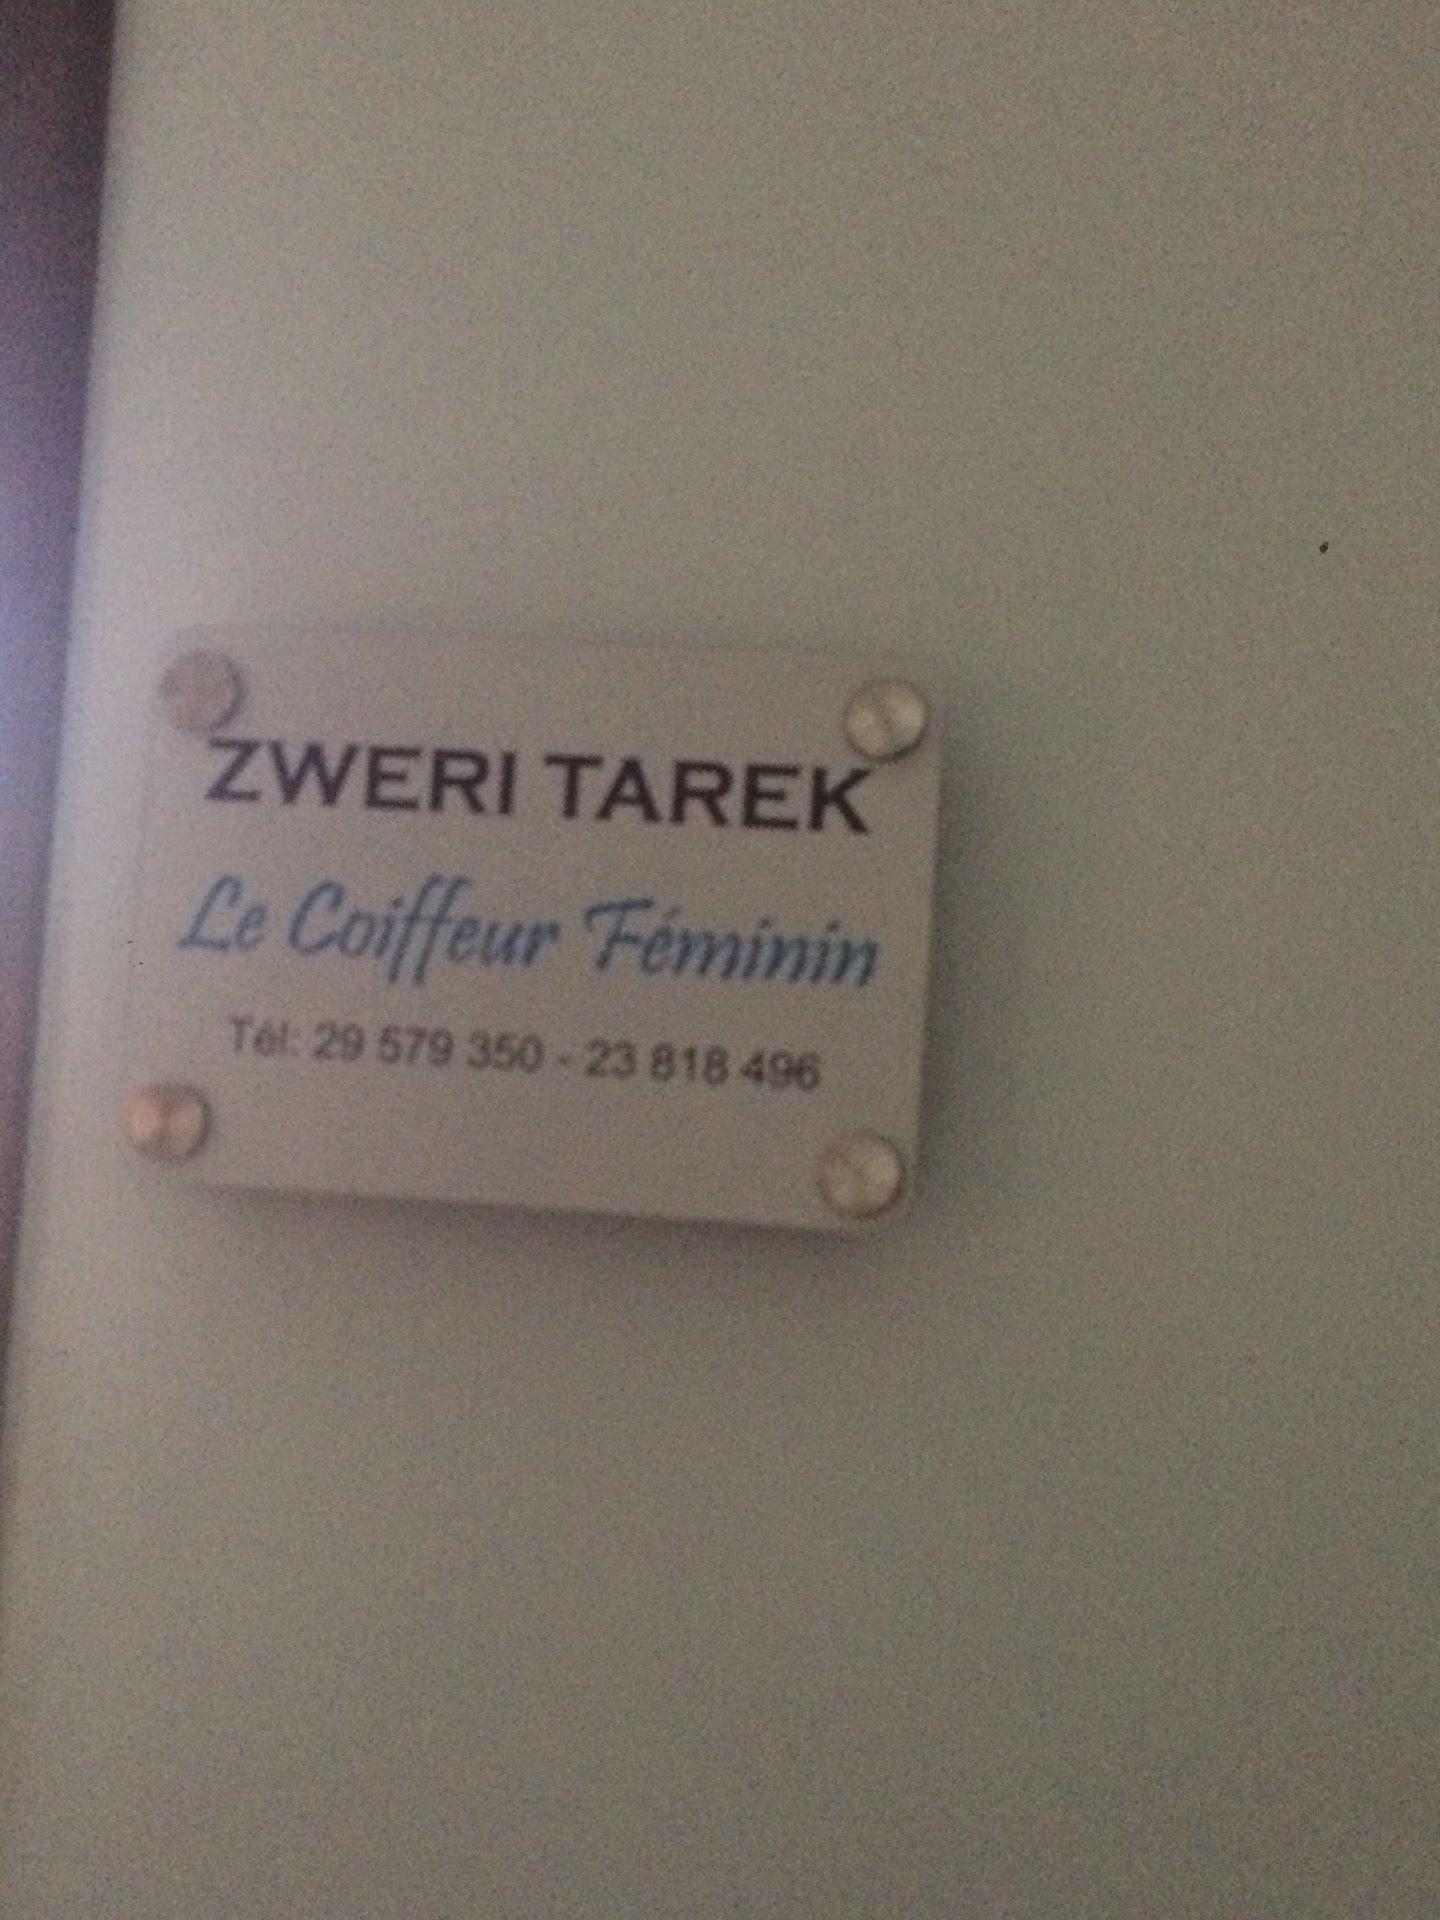 Zweri Tarek - Le Coiffeur Féminin - صفاقس - Gouvernorat de Sfax ...